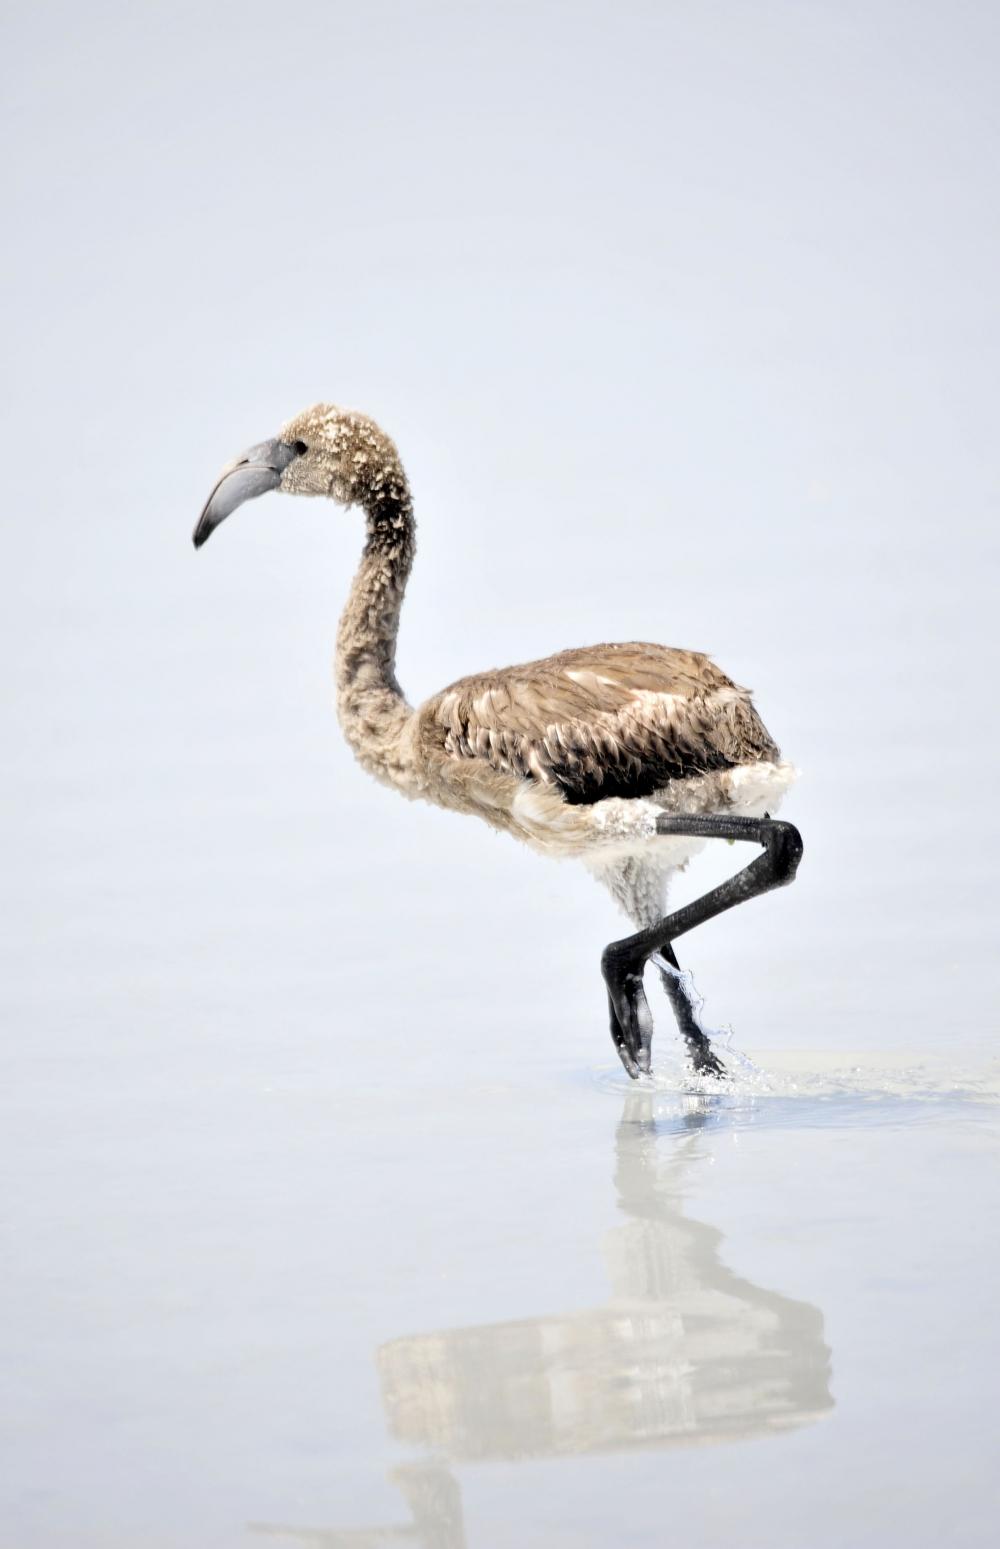 Tuz Gölü flamingo mezarlığına dönüyor 24